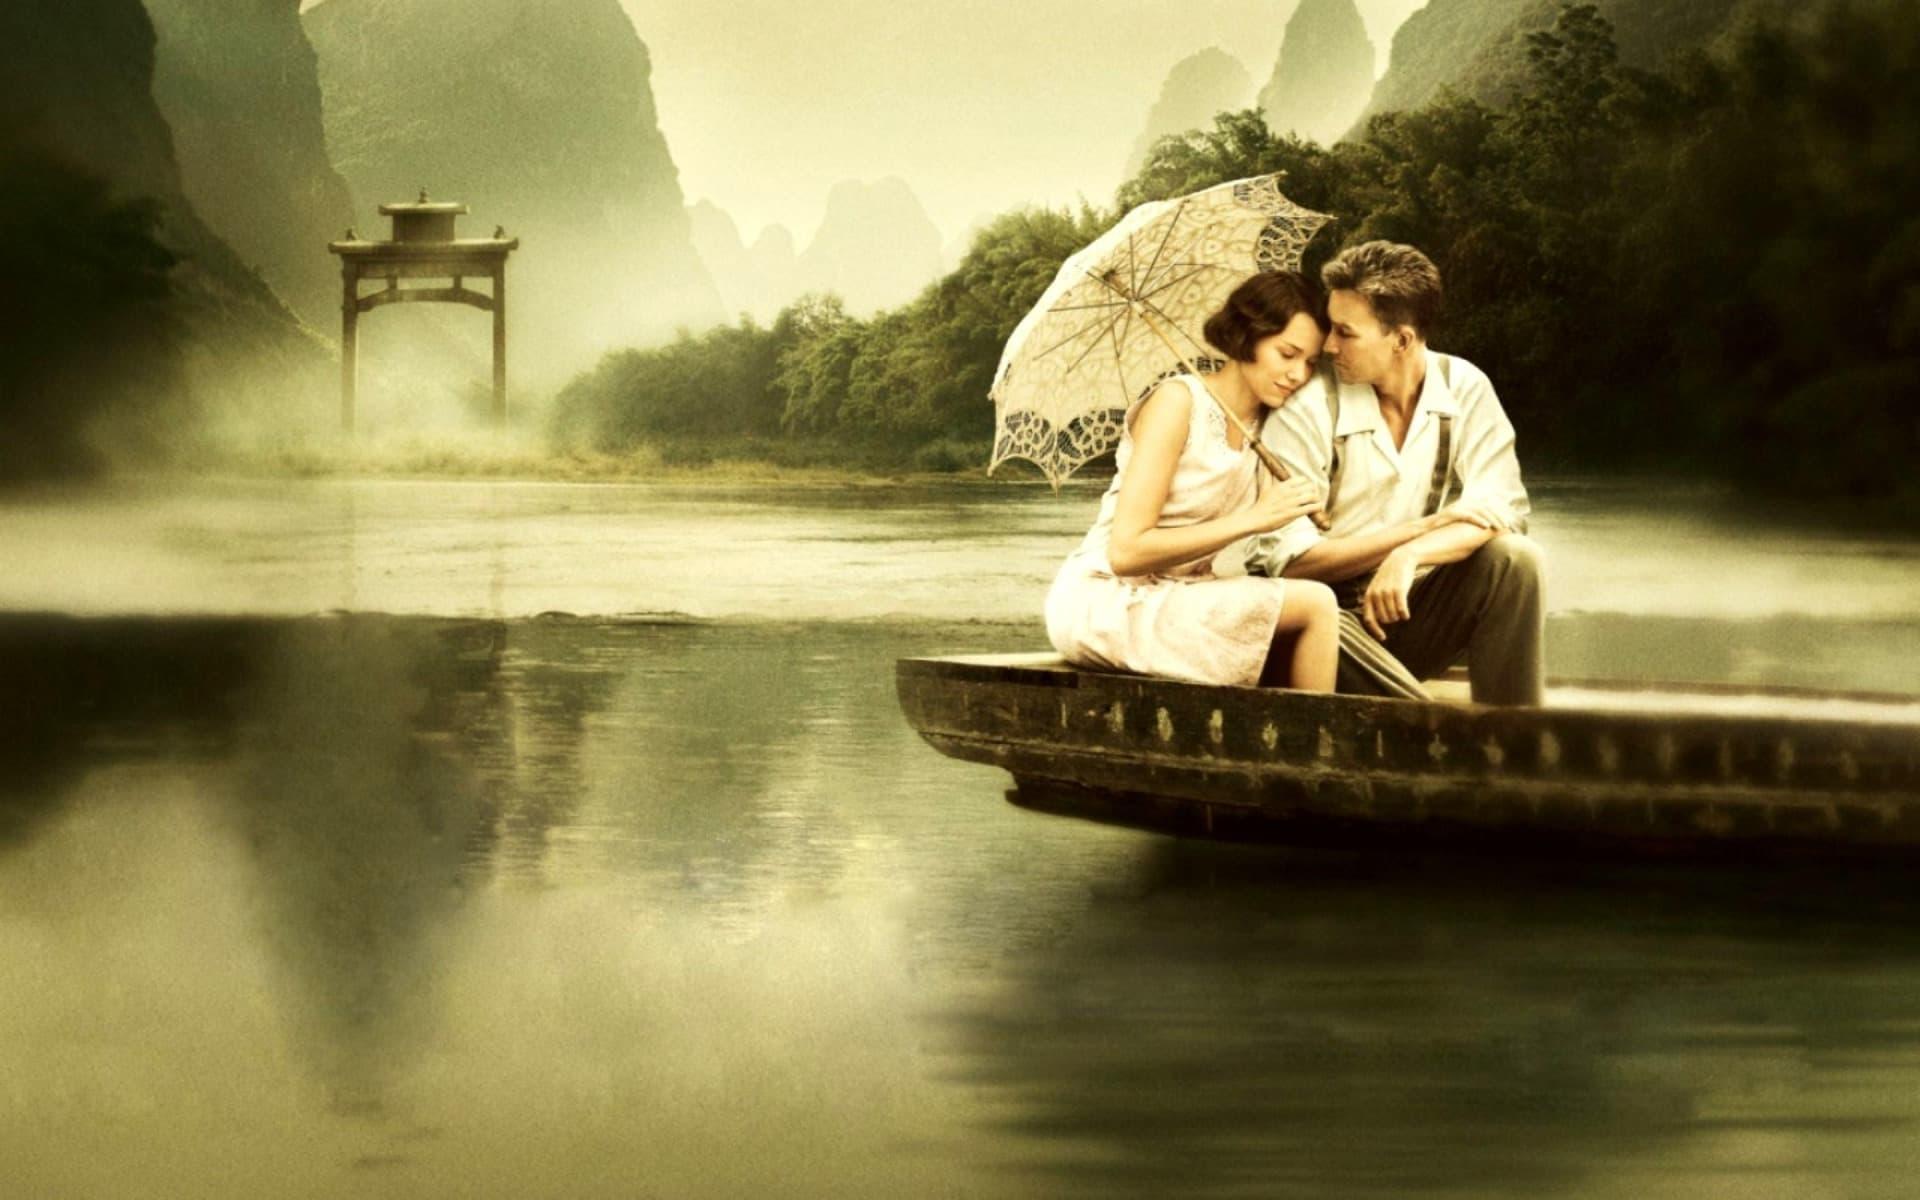 hình nền về tình yêu lãng mạn nhất